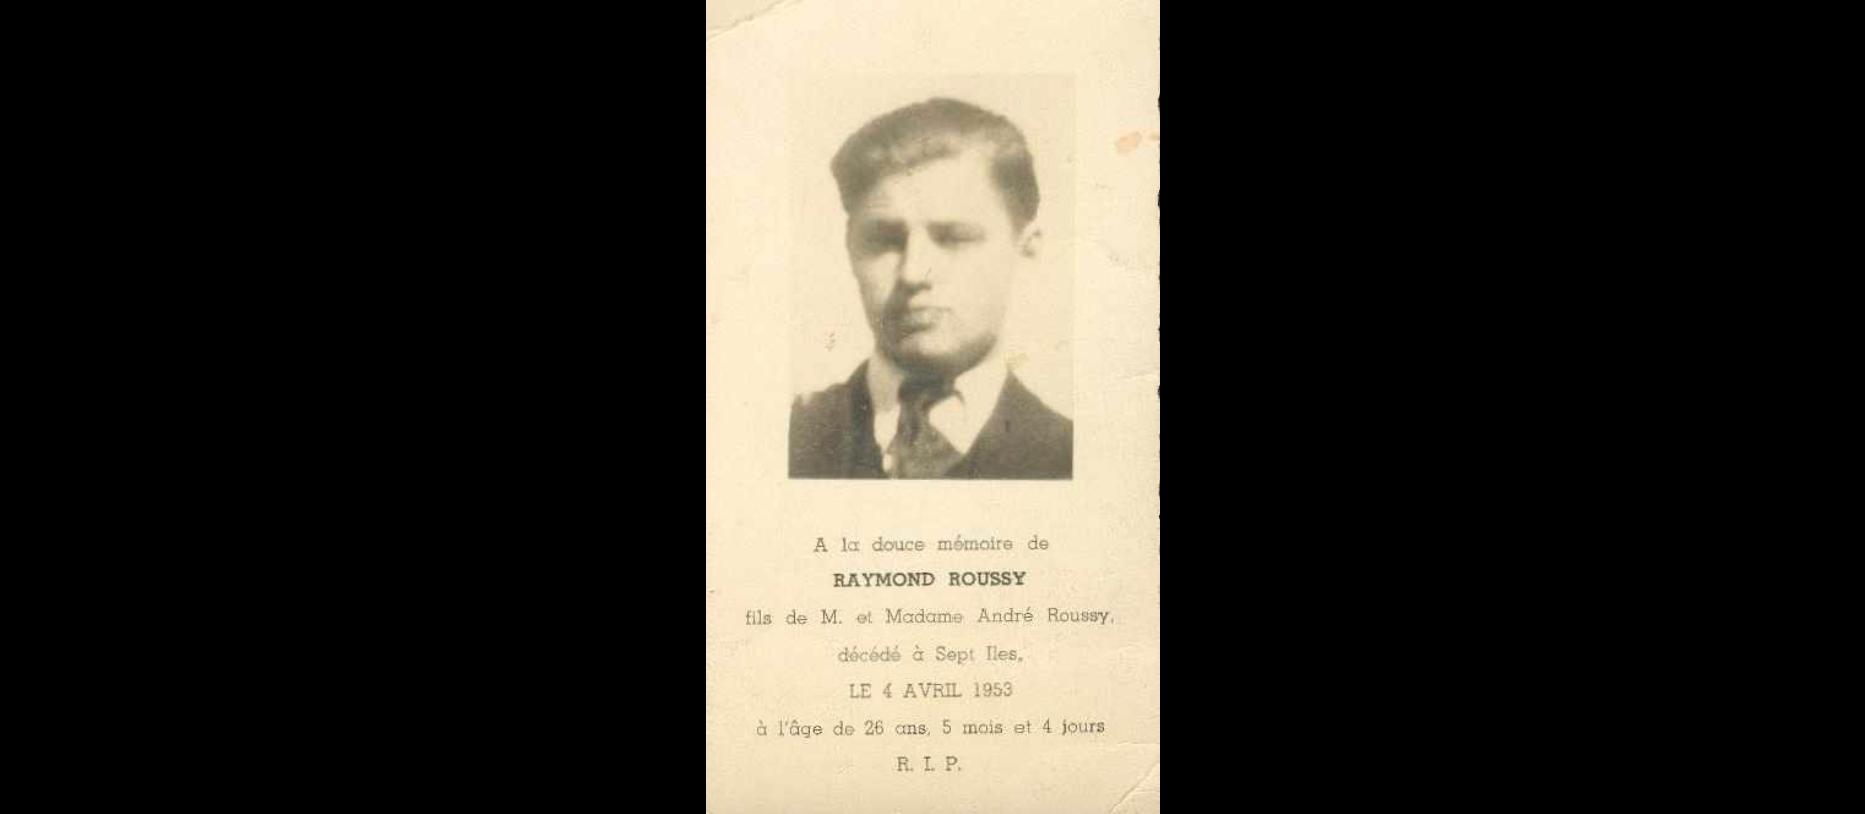 Raymond Roussy  1927-1953